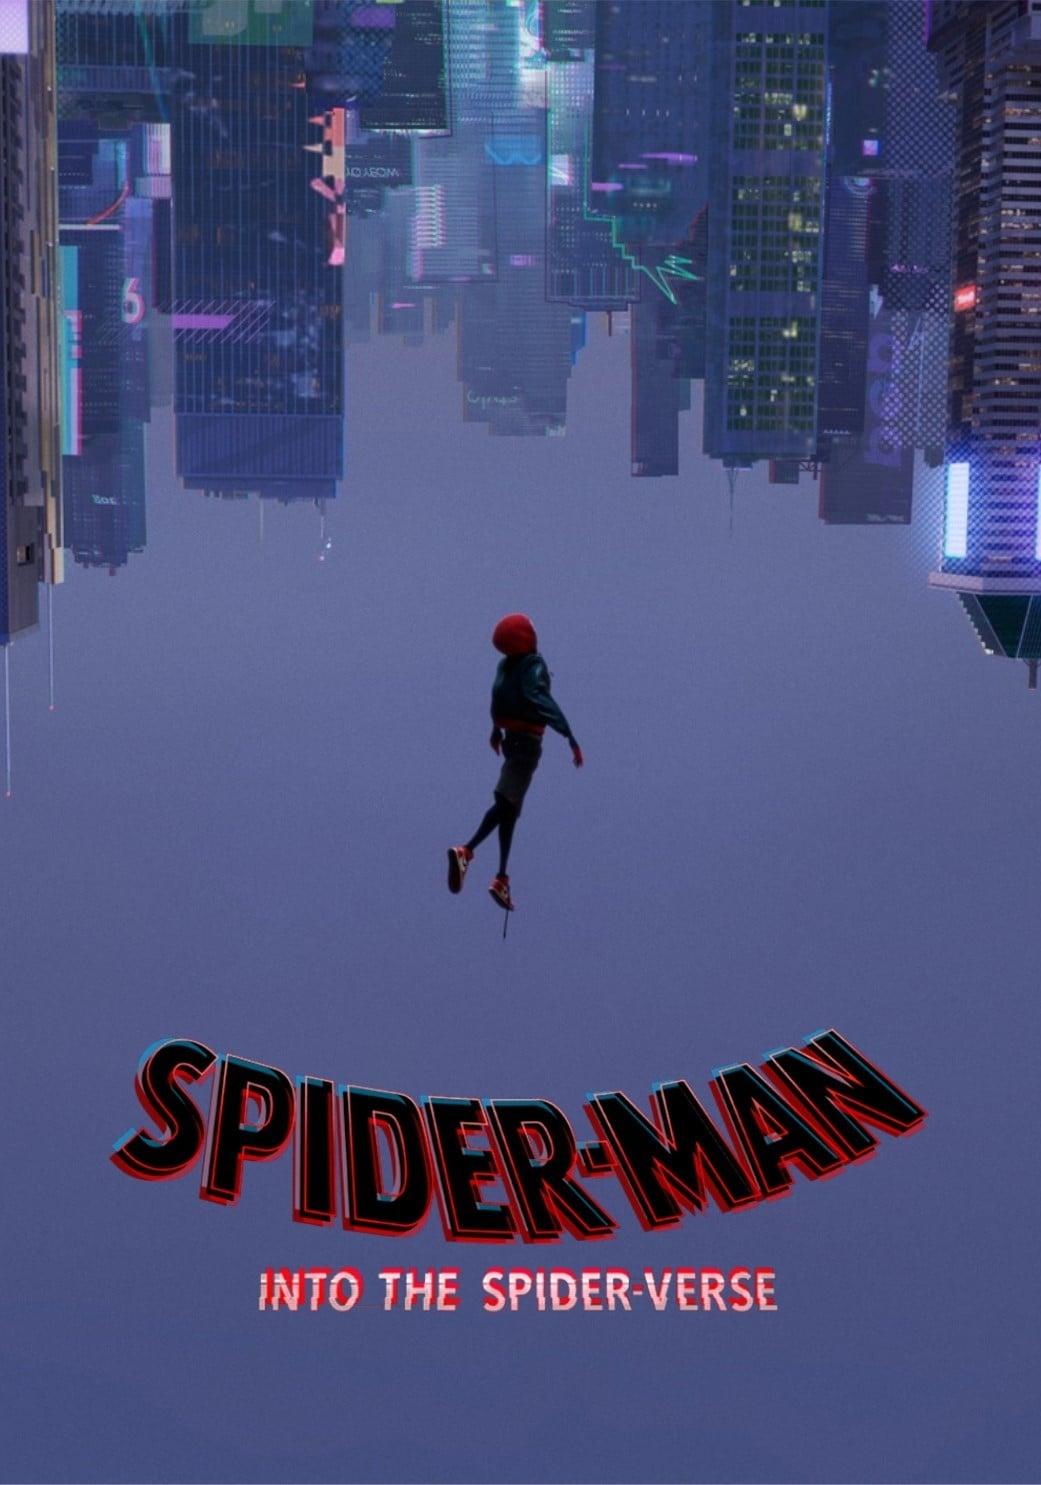 spiderman in the spider verse